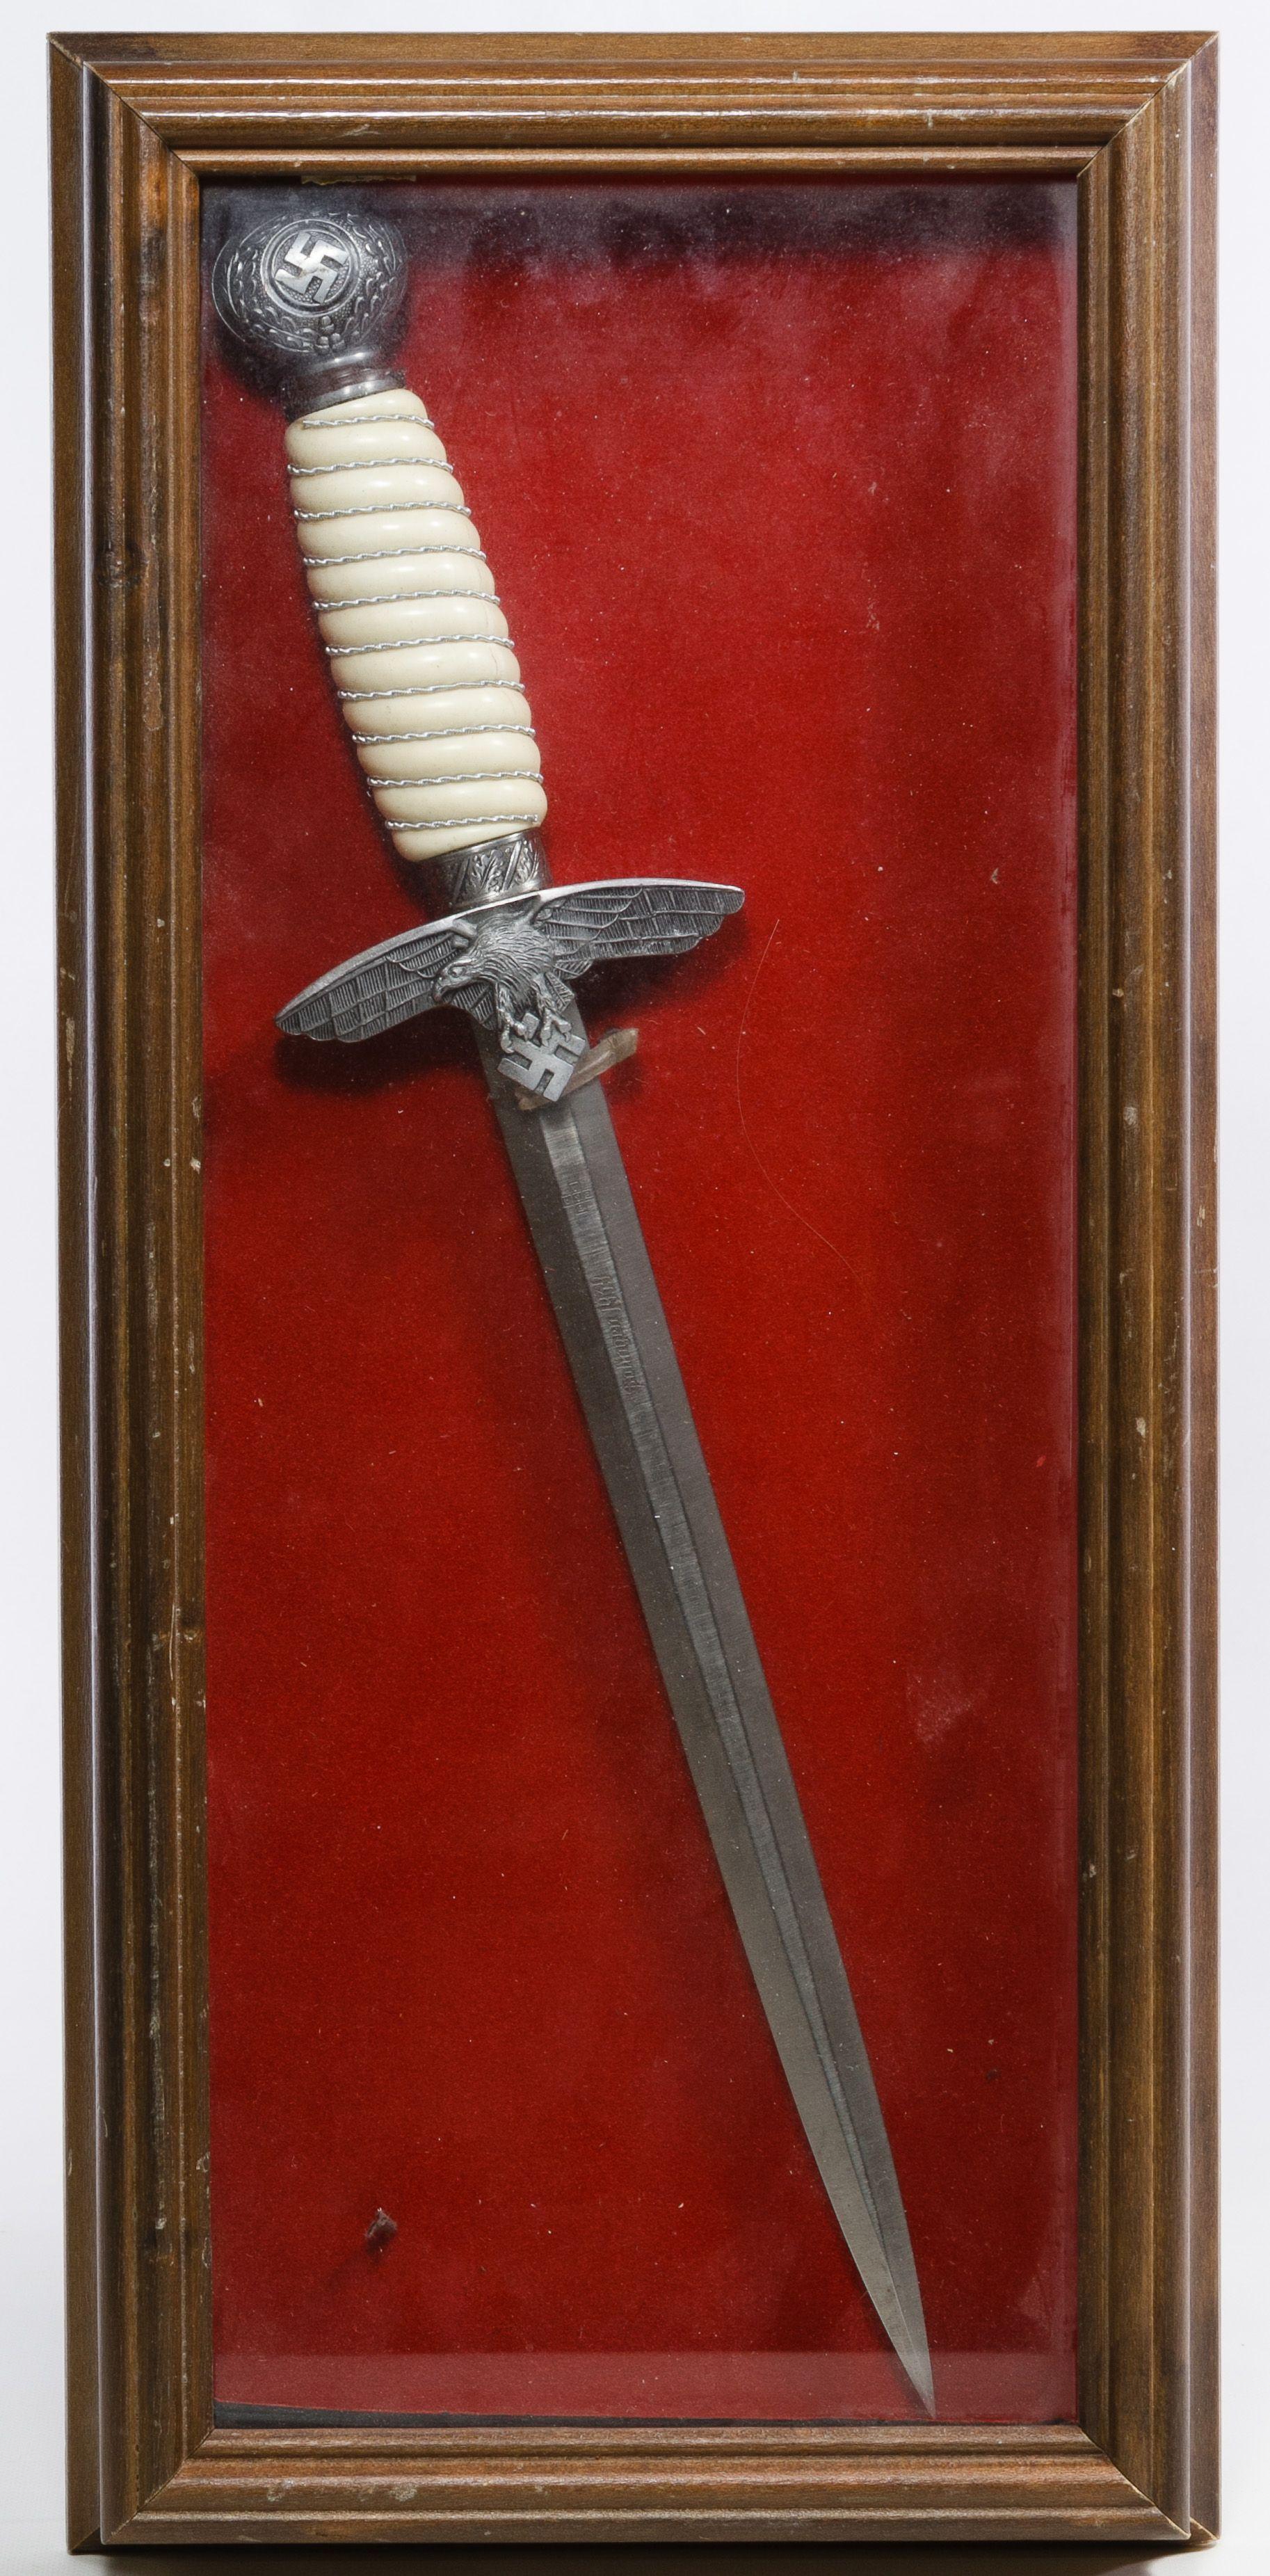 Lot 525: World War II German Replica Luftwaffe Dagger in Case